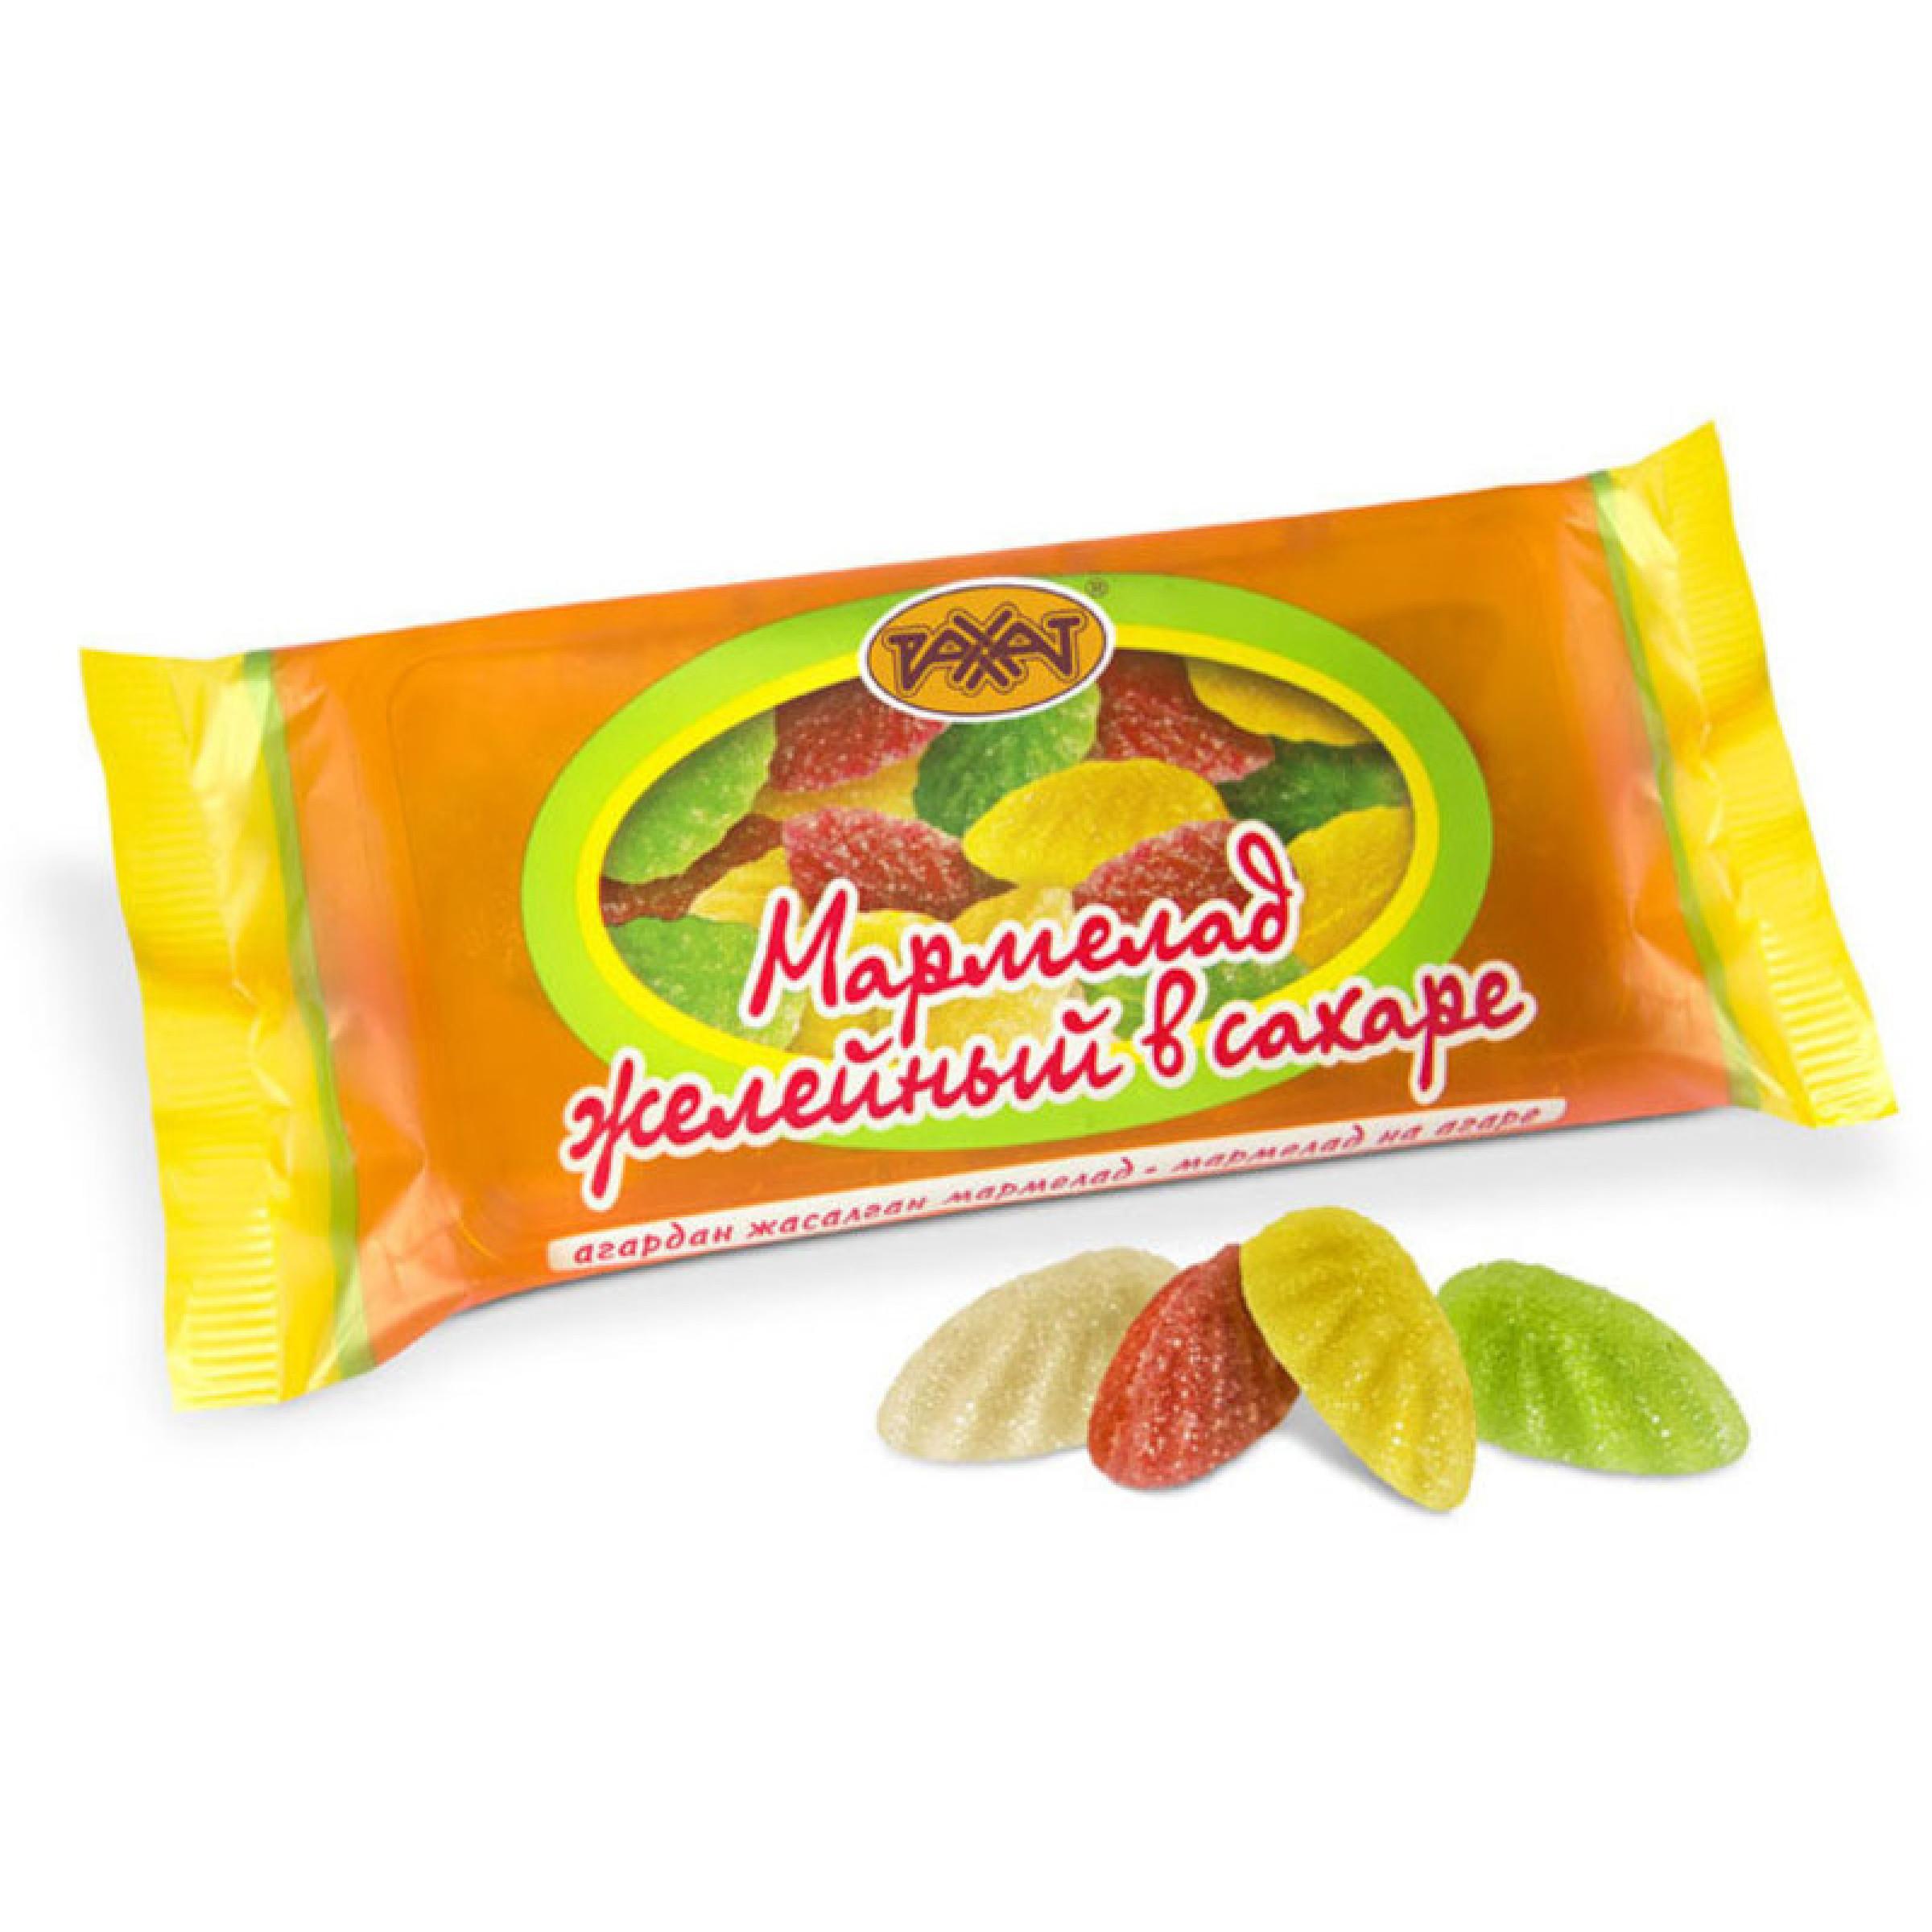 Мармелад желейный в сахаре Рахат, 250 г